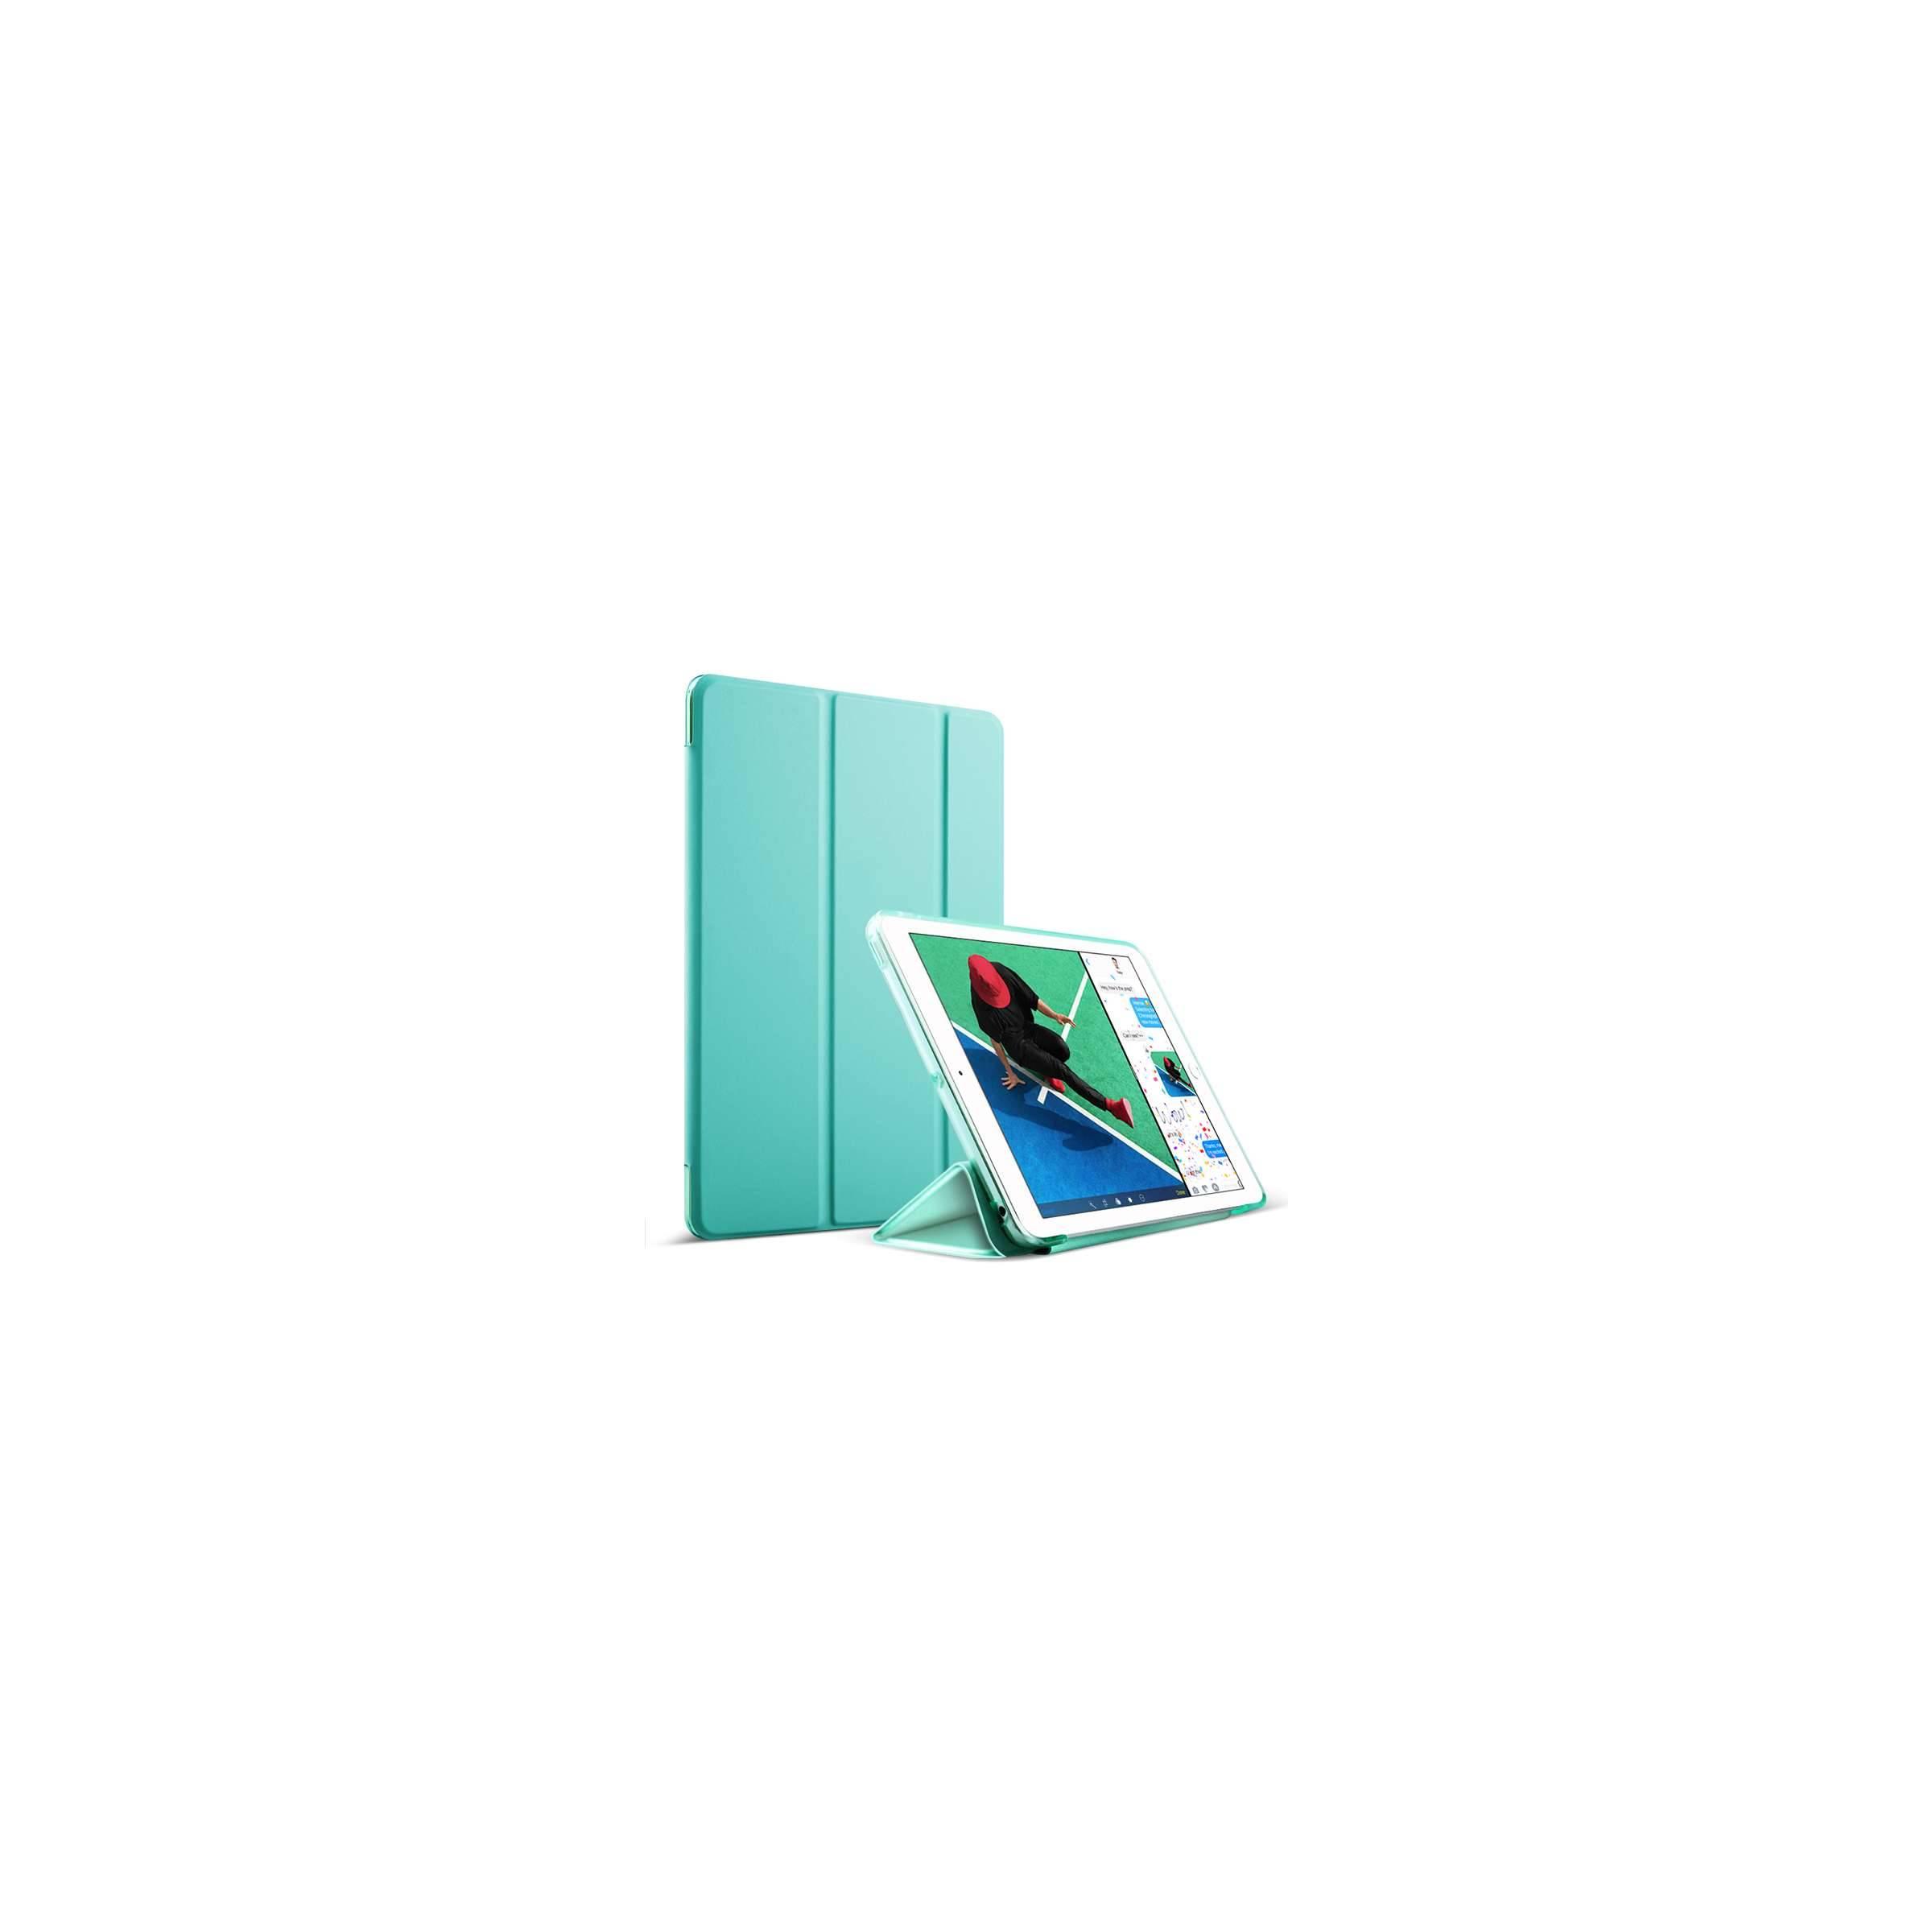 """Ipad pro 10,5""""/air 3 silikone cover farve grøn fra kina oem fra mackabler.dk"""